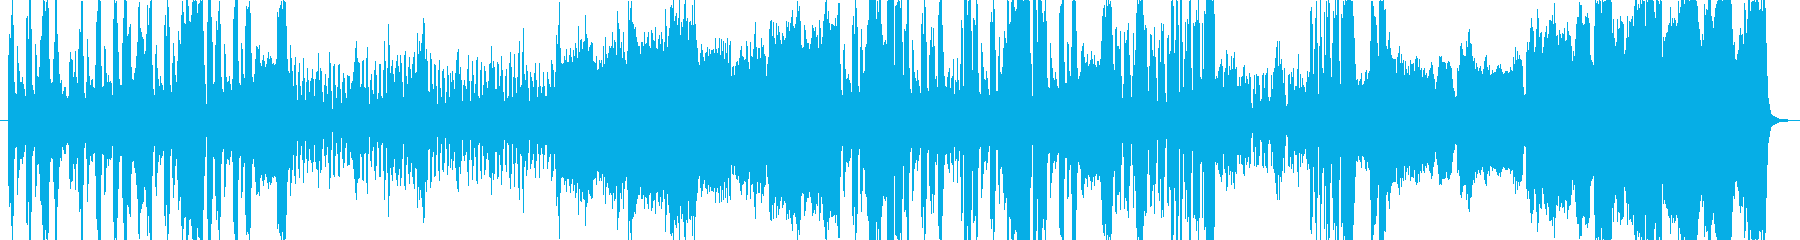 重く、壮大、テンポが遅いオーケストラ曲の再生済みの波形